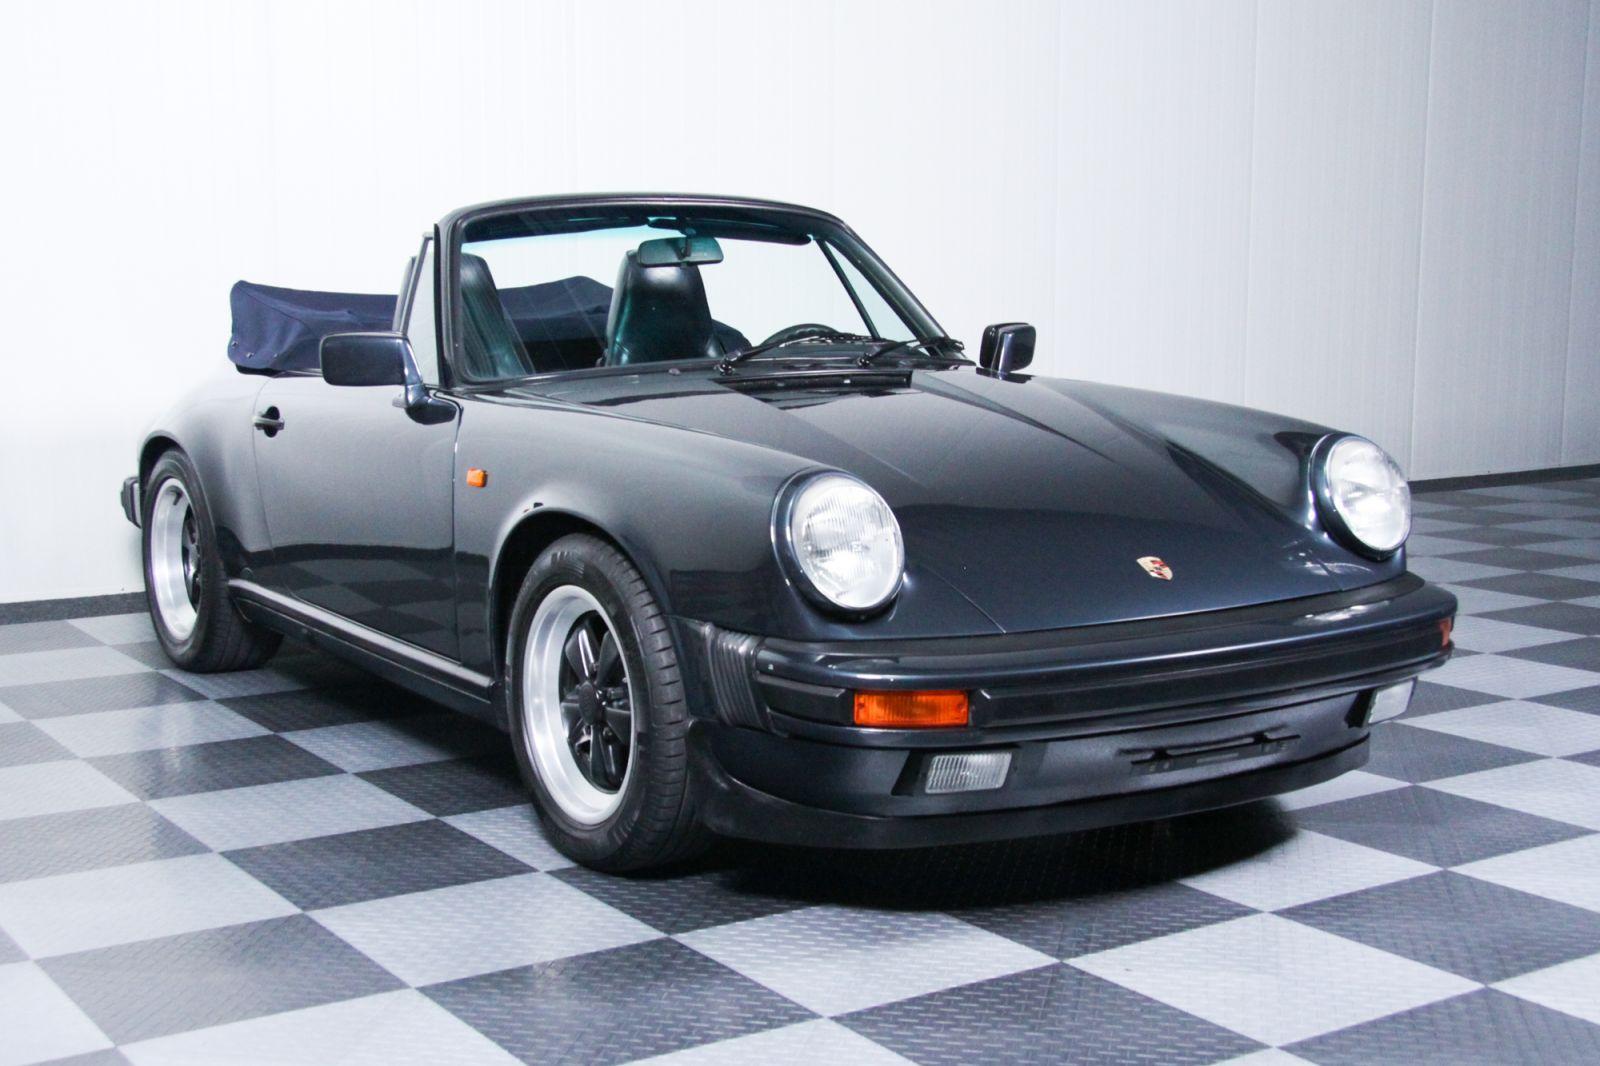 dream garage verkauftporsche porsche 911 3 2 carrera cabriolet. Black Bedroom Furniture Sets. Home Design Ideas